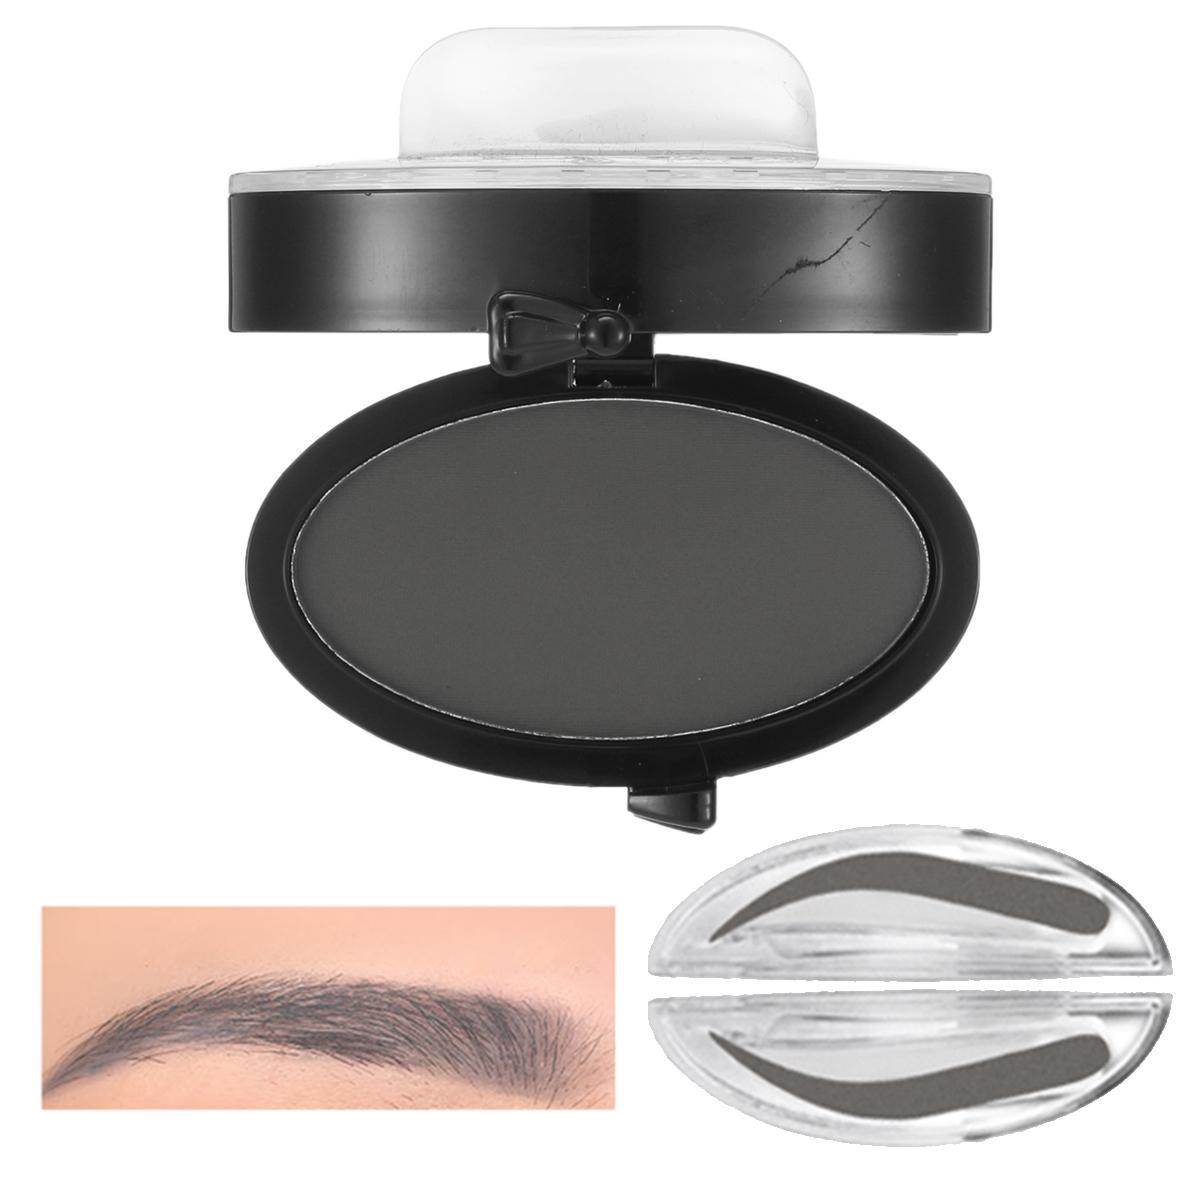 Brow Stamp Powder Grey Brown Makeup Eyebrow Gel Seal Waterproof Eyes Cosmetic Black Head Brush Tools